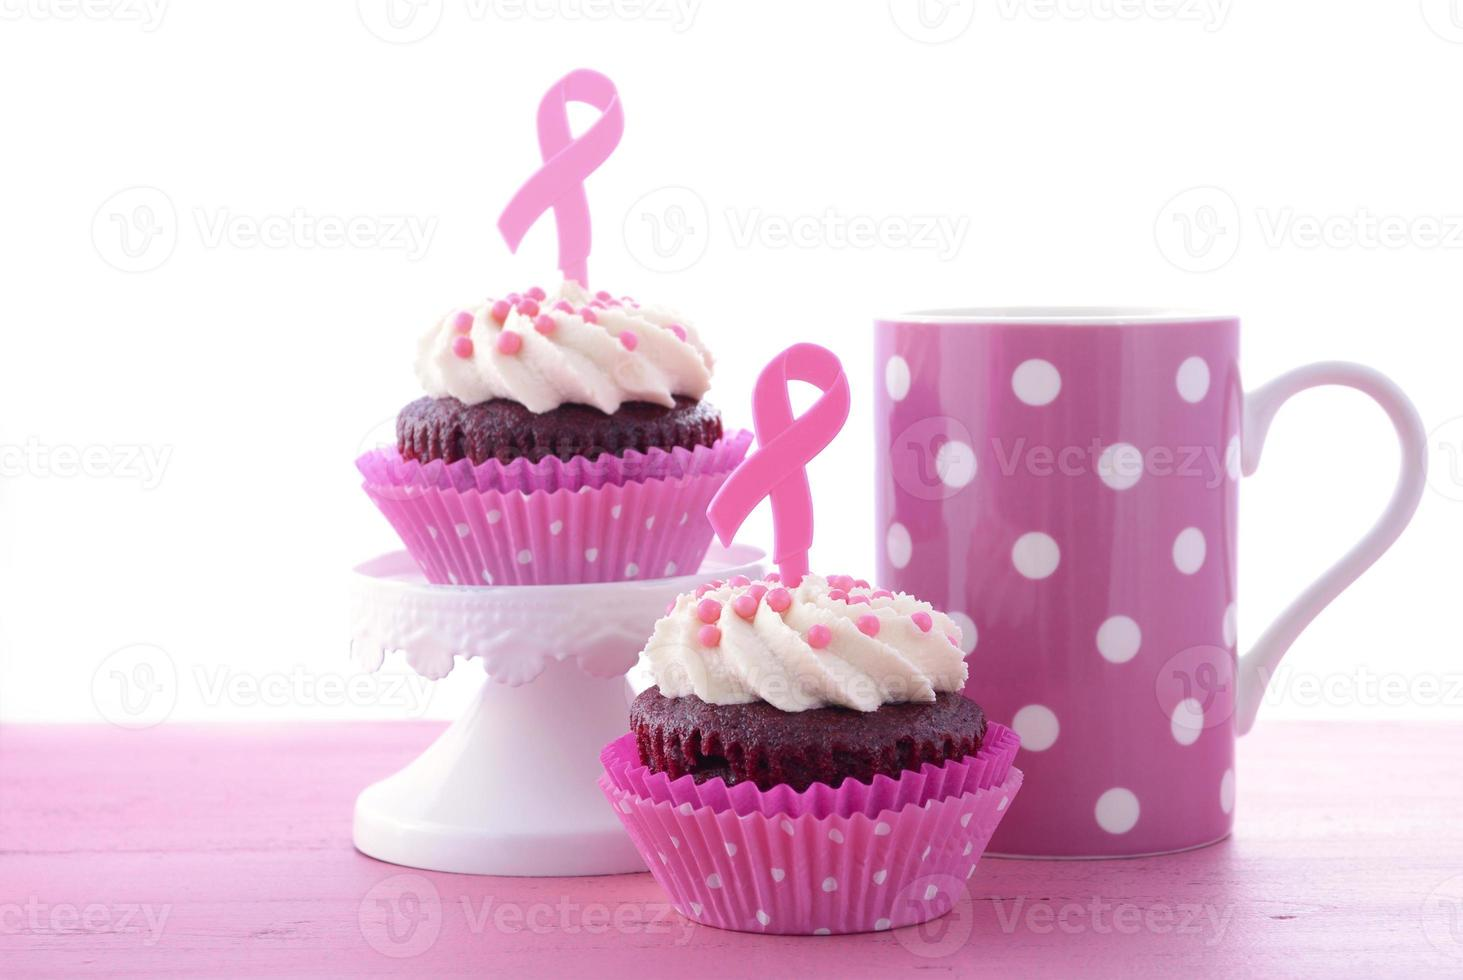 beneficenza nastro rosa per cupcakes consapevolezza della salute delle donne. foto